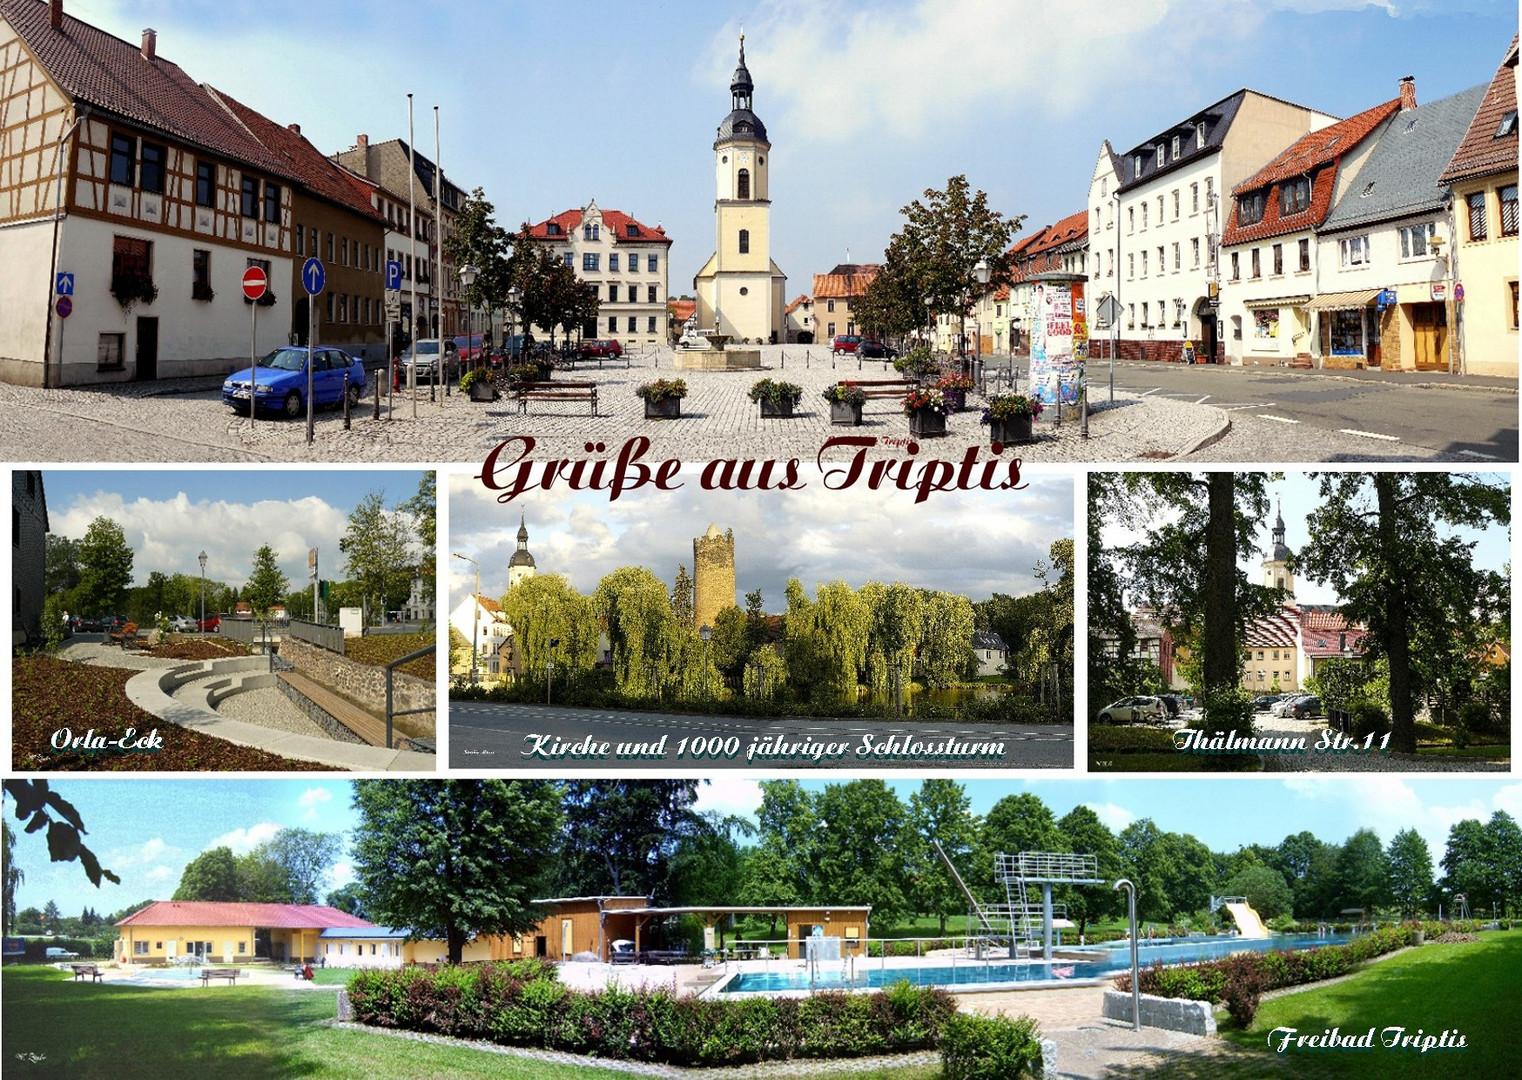 Postkartenmotiv von meiner Stadt Triptis